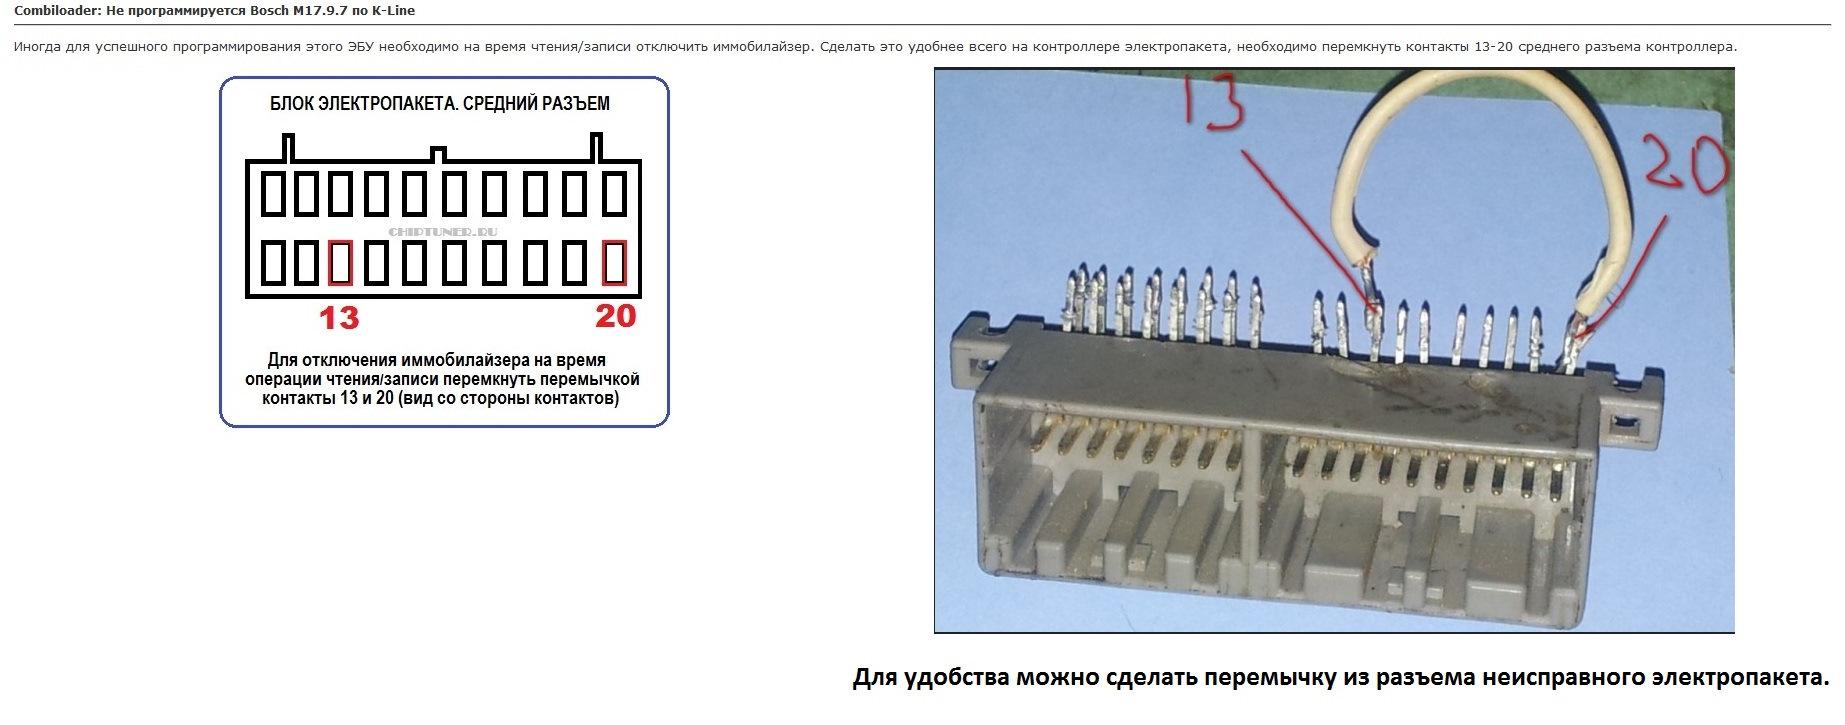 инструкция по программе chiploader 1 97 7